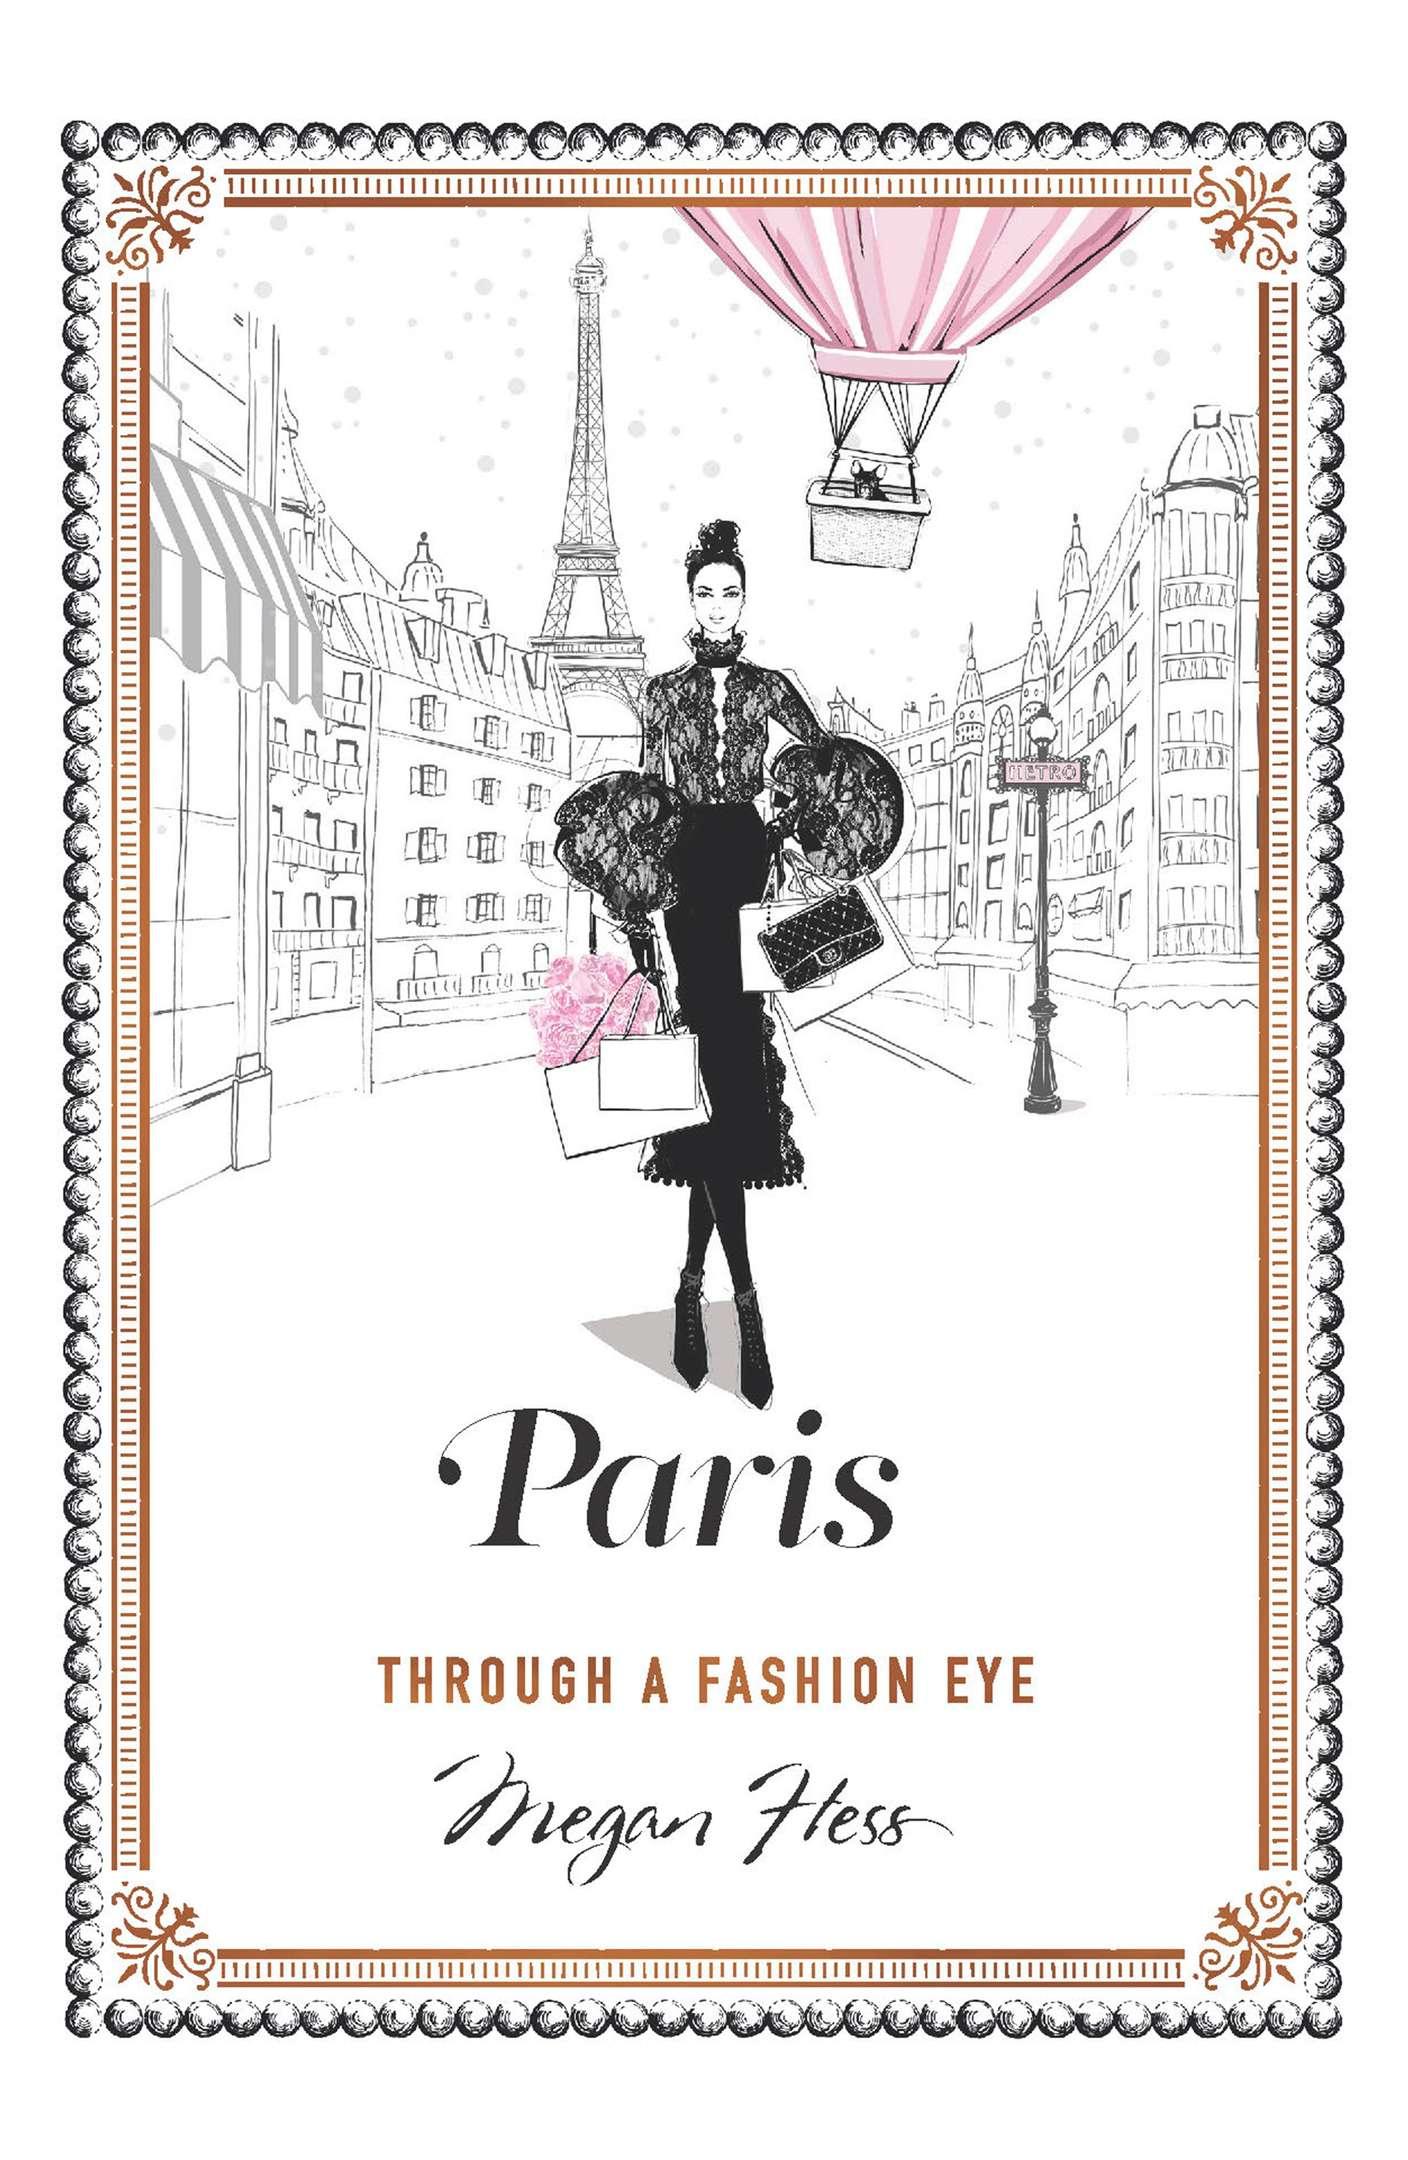 paris through a fashion eye book.jpg